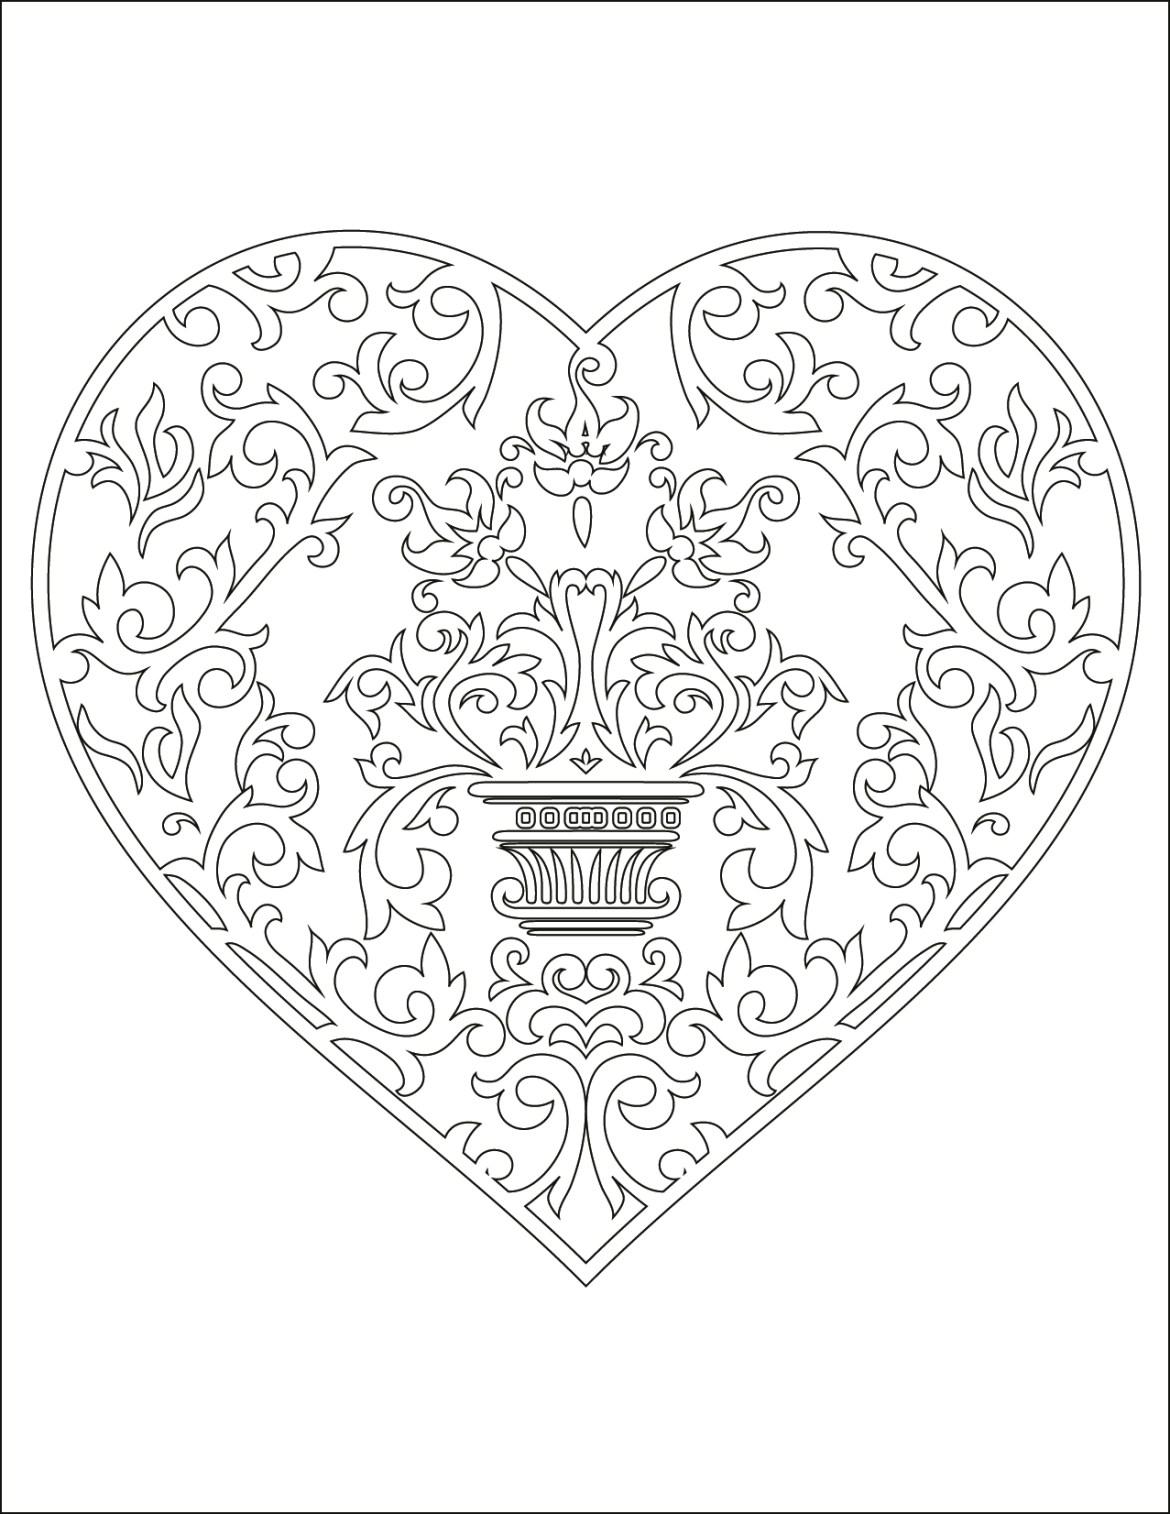 Image de coeur d amour gratuit à dessiner